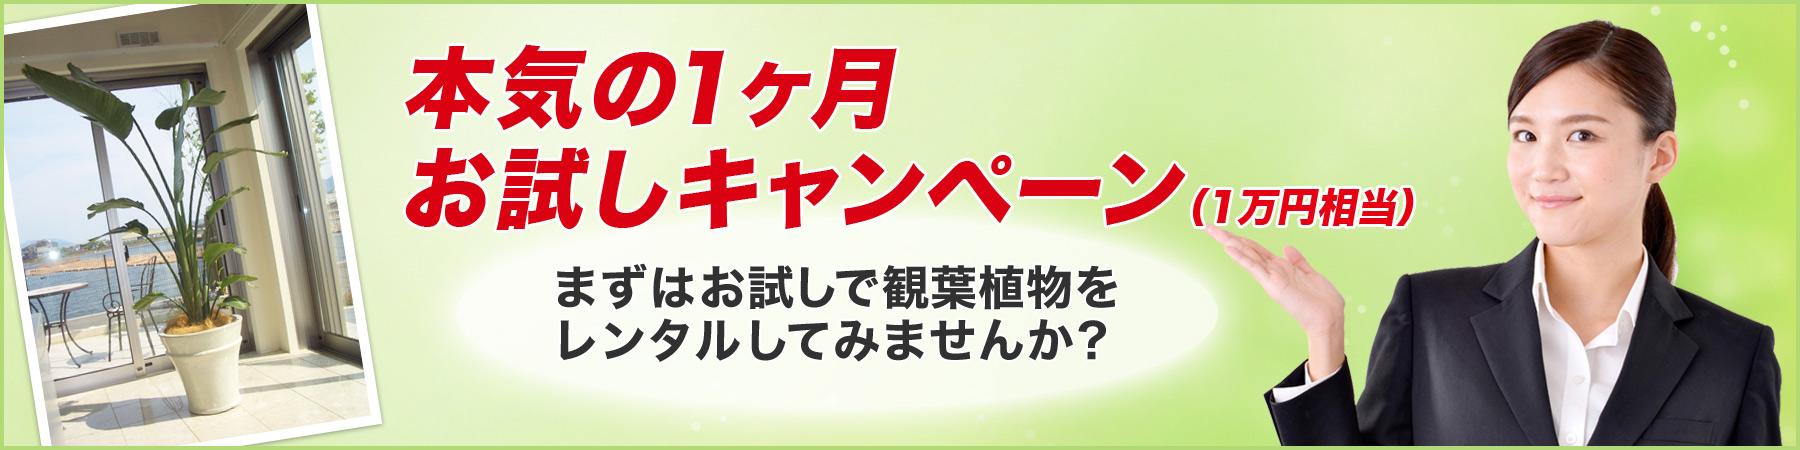 『観葉植物』の無料お試し(1ヶ月)キャンペーン